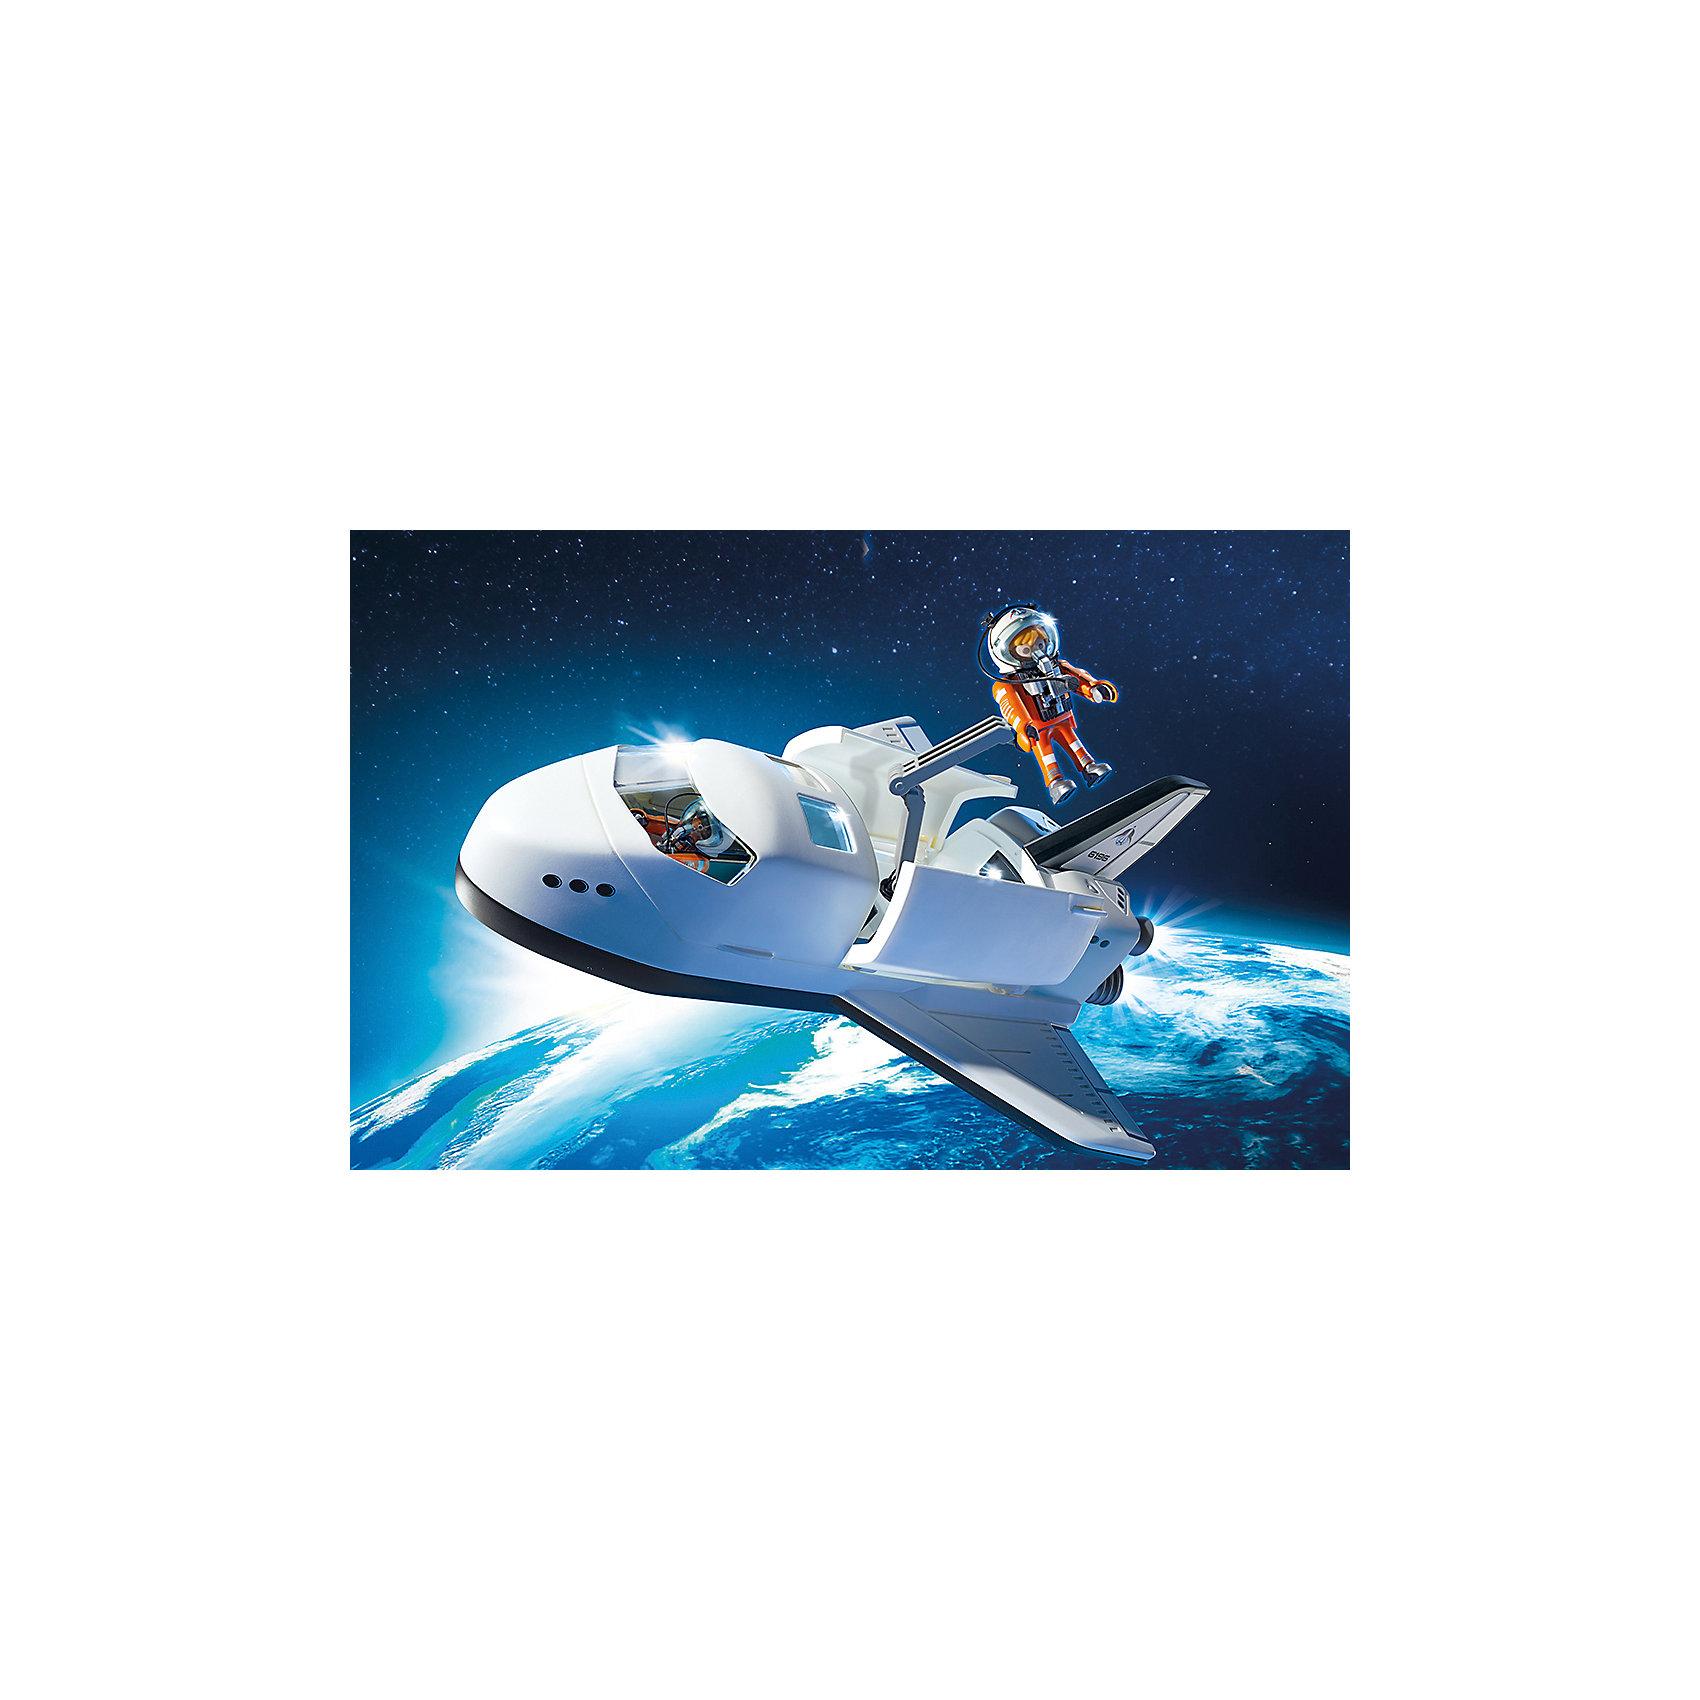 Космический шаттл, PLAYMOBILС этим замечательным набором ты сможешь отправиться  в космос! Модель шаттла выглядит как настоящая, сзади загораются огни, есть стреляющая пушка, способная разбивать метеориты. Крыша шаттла съемная, люки открываются, створки грузового отсека оснащены шарнирными замками. В наборе - 2 фигурки астронавта. Все детали прекрасно проработаны и выполнены из высококачественного экологичного пластика безопасного для детей. Играть с таким набором не только приятно и интересно - подобные виды игры развивают мелкую моторику, воображение, творческое мышление.<br><br>Дополнительная информация:<br><br>- 2 фигурки в наборе. <br>- Комплектация: 2 фигурки, аксессуары, шаттл, пушка. <br>- Материал: пластик.<br>- Размер упаковки: 39х28х12,6 см.<br>- Высота фигурки: 7,5 см.<br>- Голова, руки, ноги у фигурок подвижные.<br><br>Набор Космический шаттл, PLAYMOBIL (Плеймобил), можно купить в нашем магазине.<br><br>Ширина мм: 391<br>Глубина мм: 284<br>Высота мм: 129<br>Вес г: 826<br>Возраст от месяцев: 72<br>Возраст до месяцев: 144<br>Пол: Мужской<br>Возраст: Детский<br>SKU: 4012472